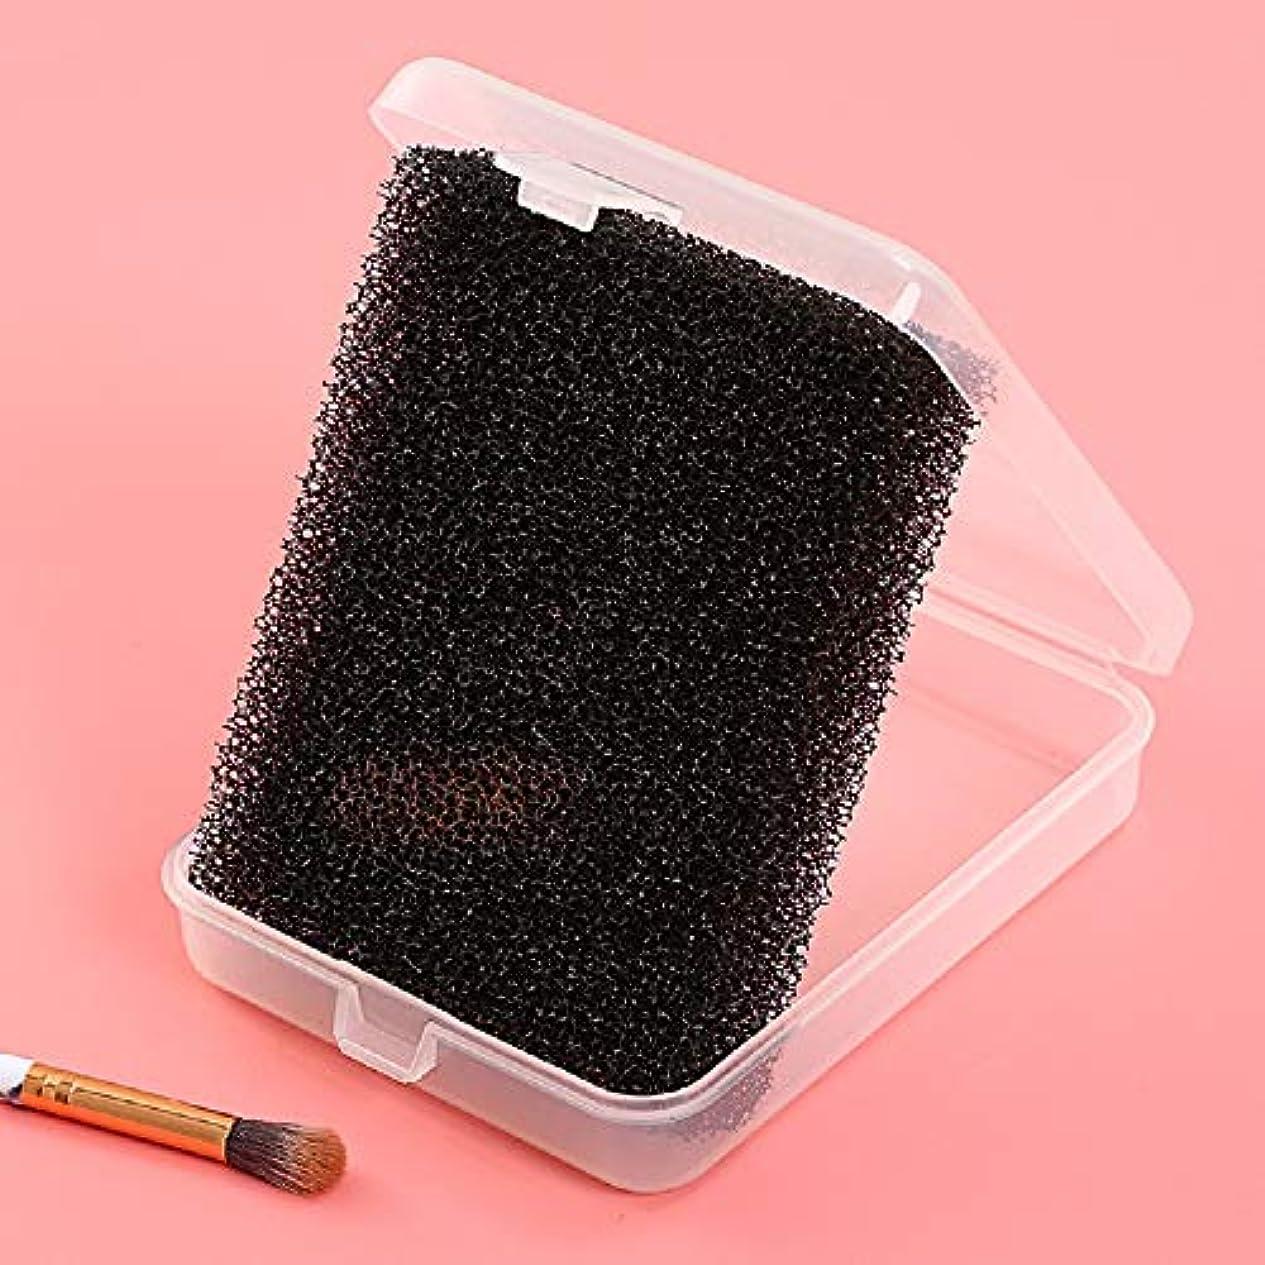 トランザクションセクタ受粉者暖かい心 メイクブラシ クリーナー ドライクリーニングスポンジ ブラッシュブラシ スポンジ 化粧ブラシクリーナー (BLACK-1)